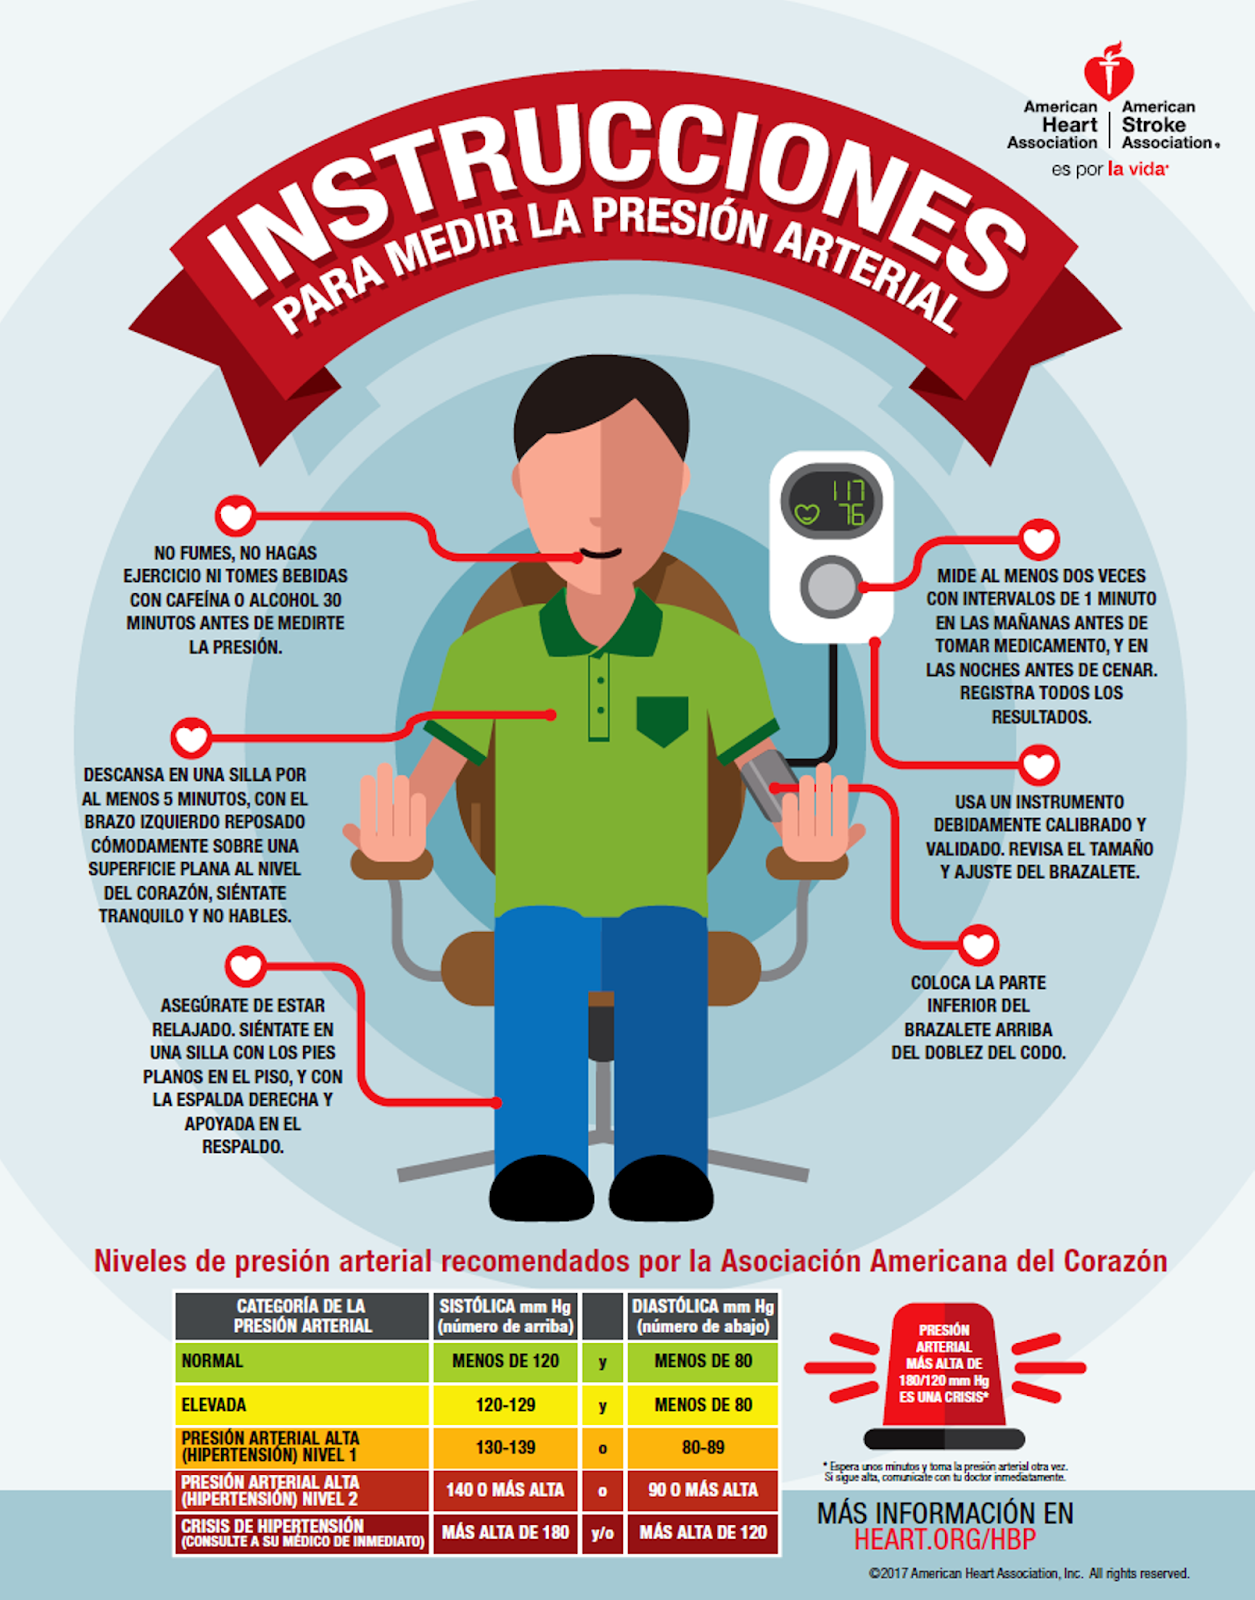 Cuando medir la presion arterial